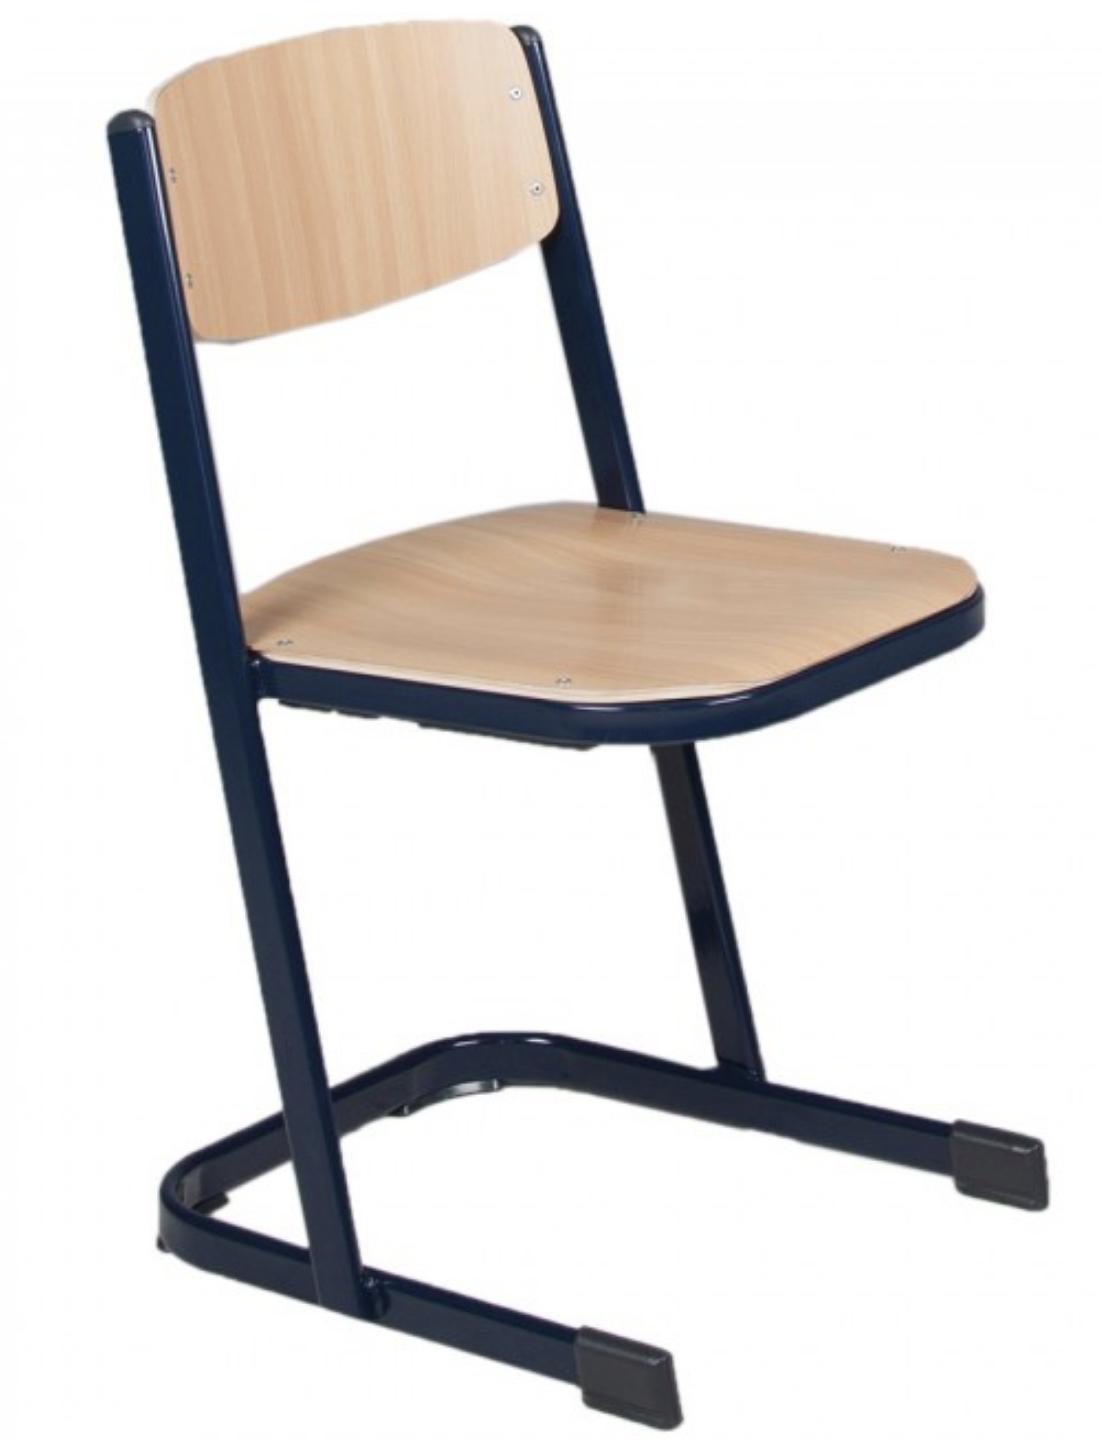 Schuler-Kufenstuhl